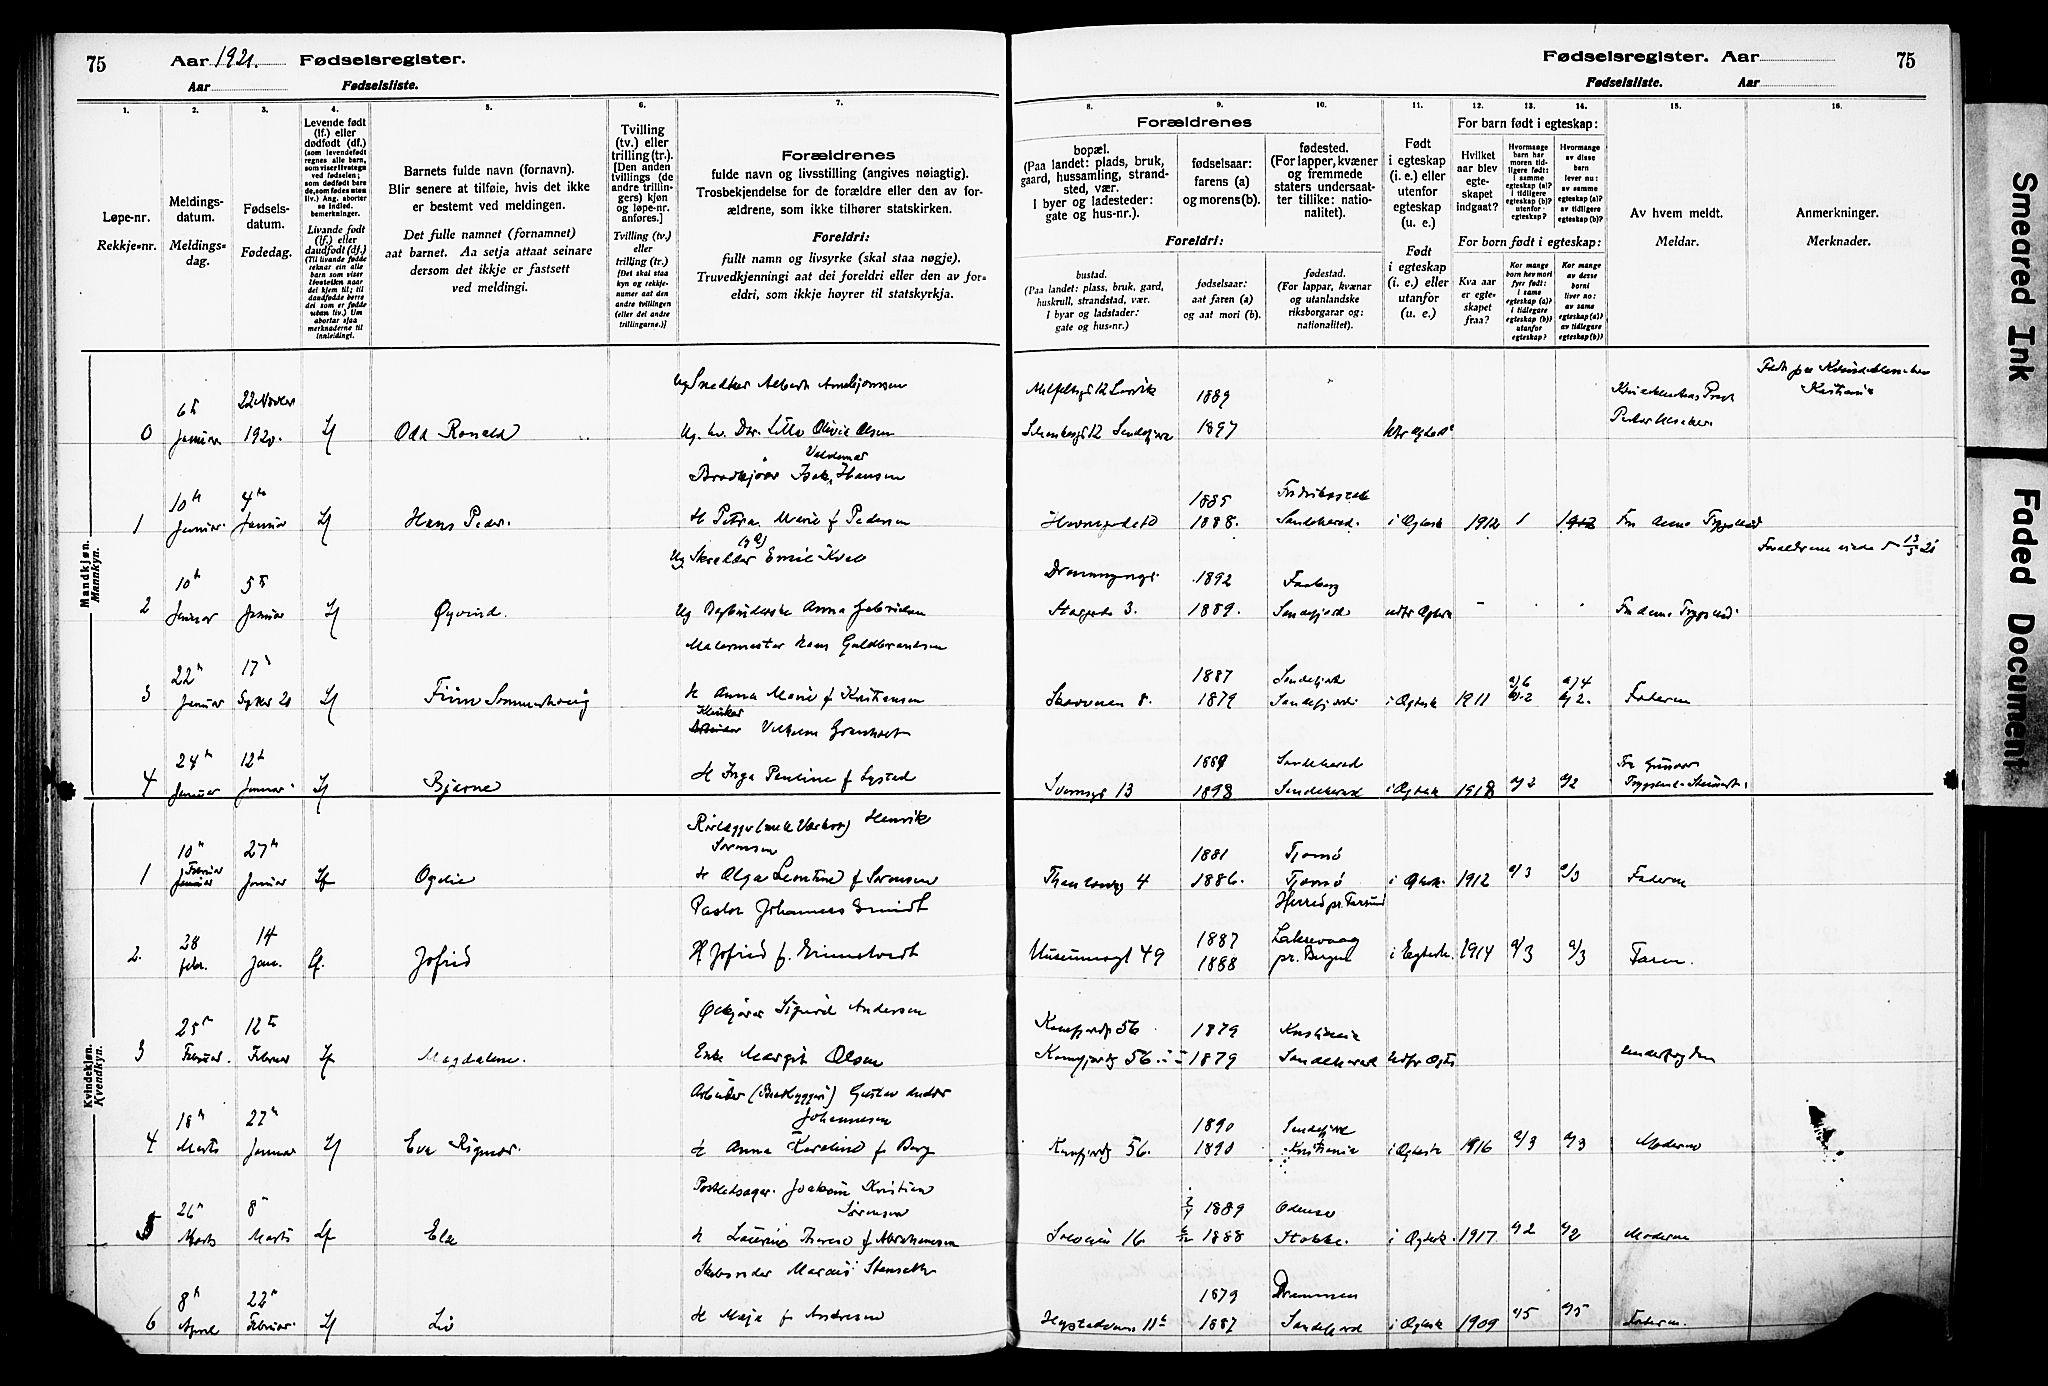 SAKO, Sandefjord kirkebøker, J/Ja/L0001: Birth register no. 1, 1916-1932, p. 75